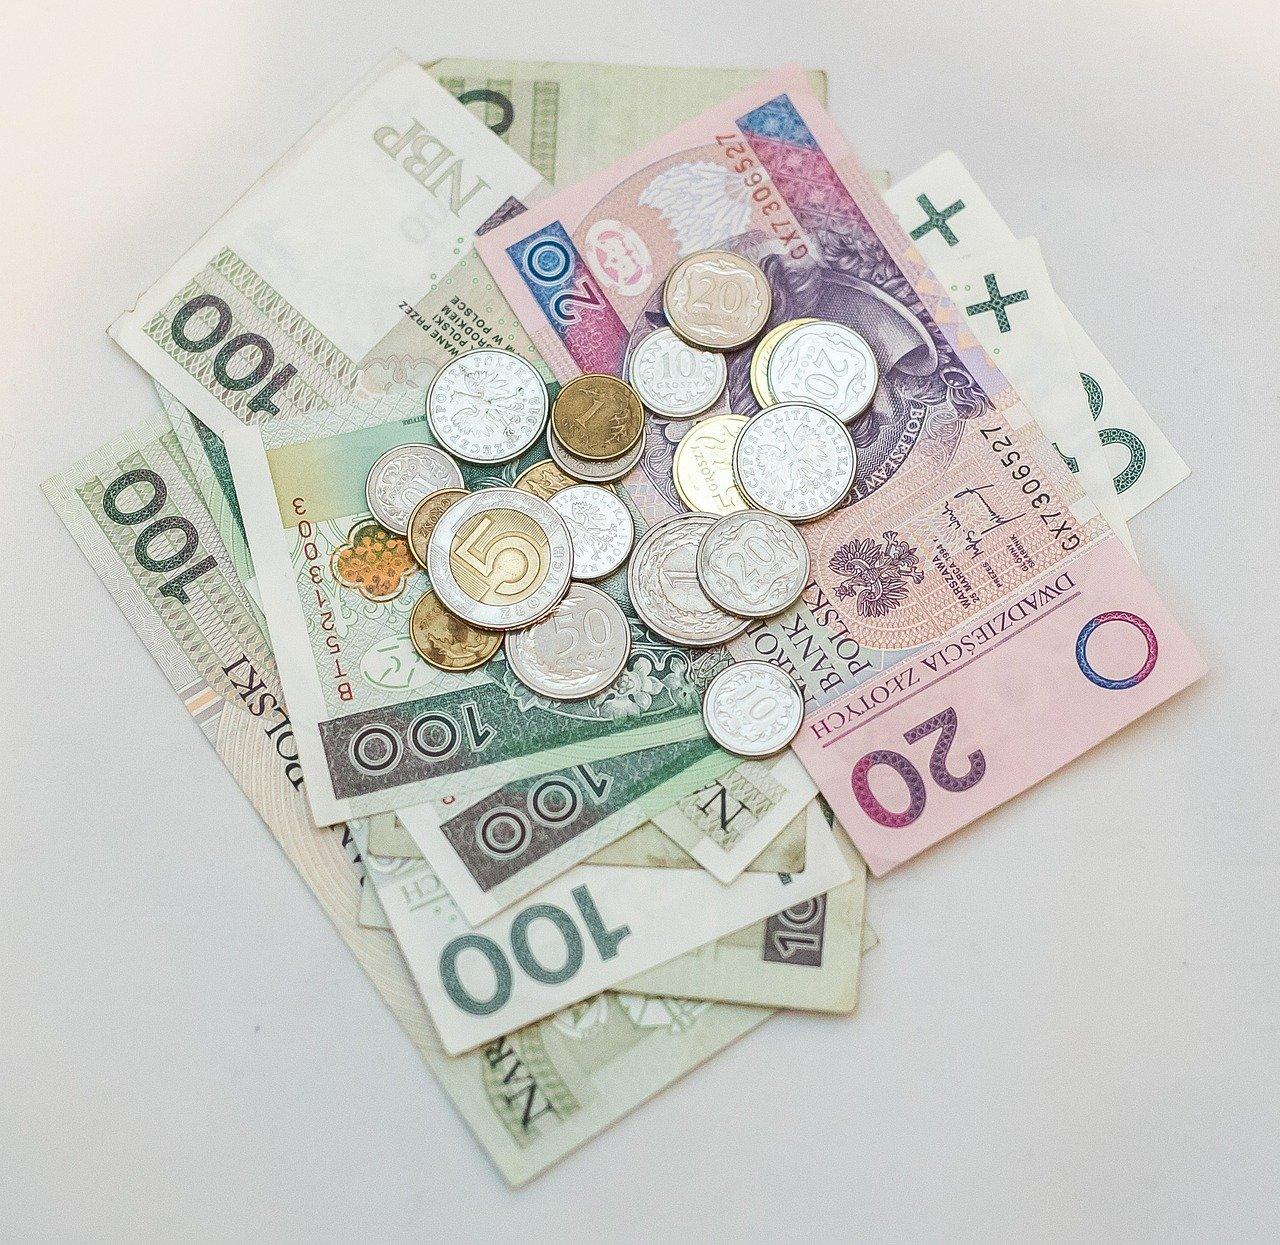 Ranking kredytów gotówkowych 20 tys. - Zdjęcie główne